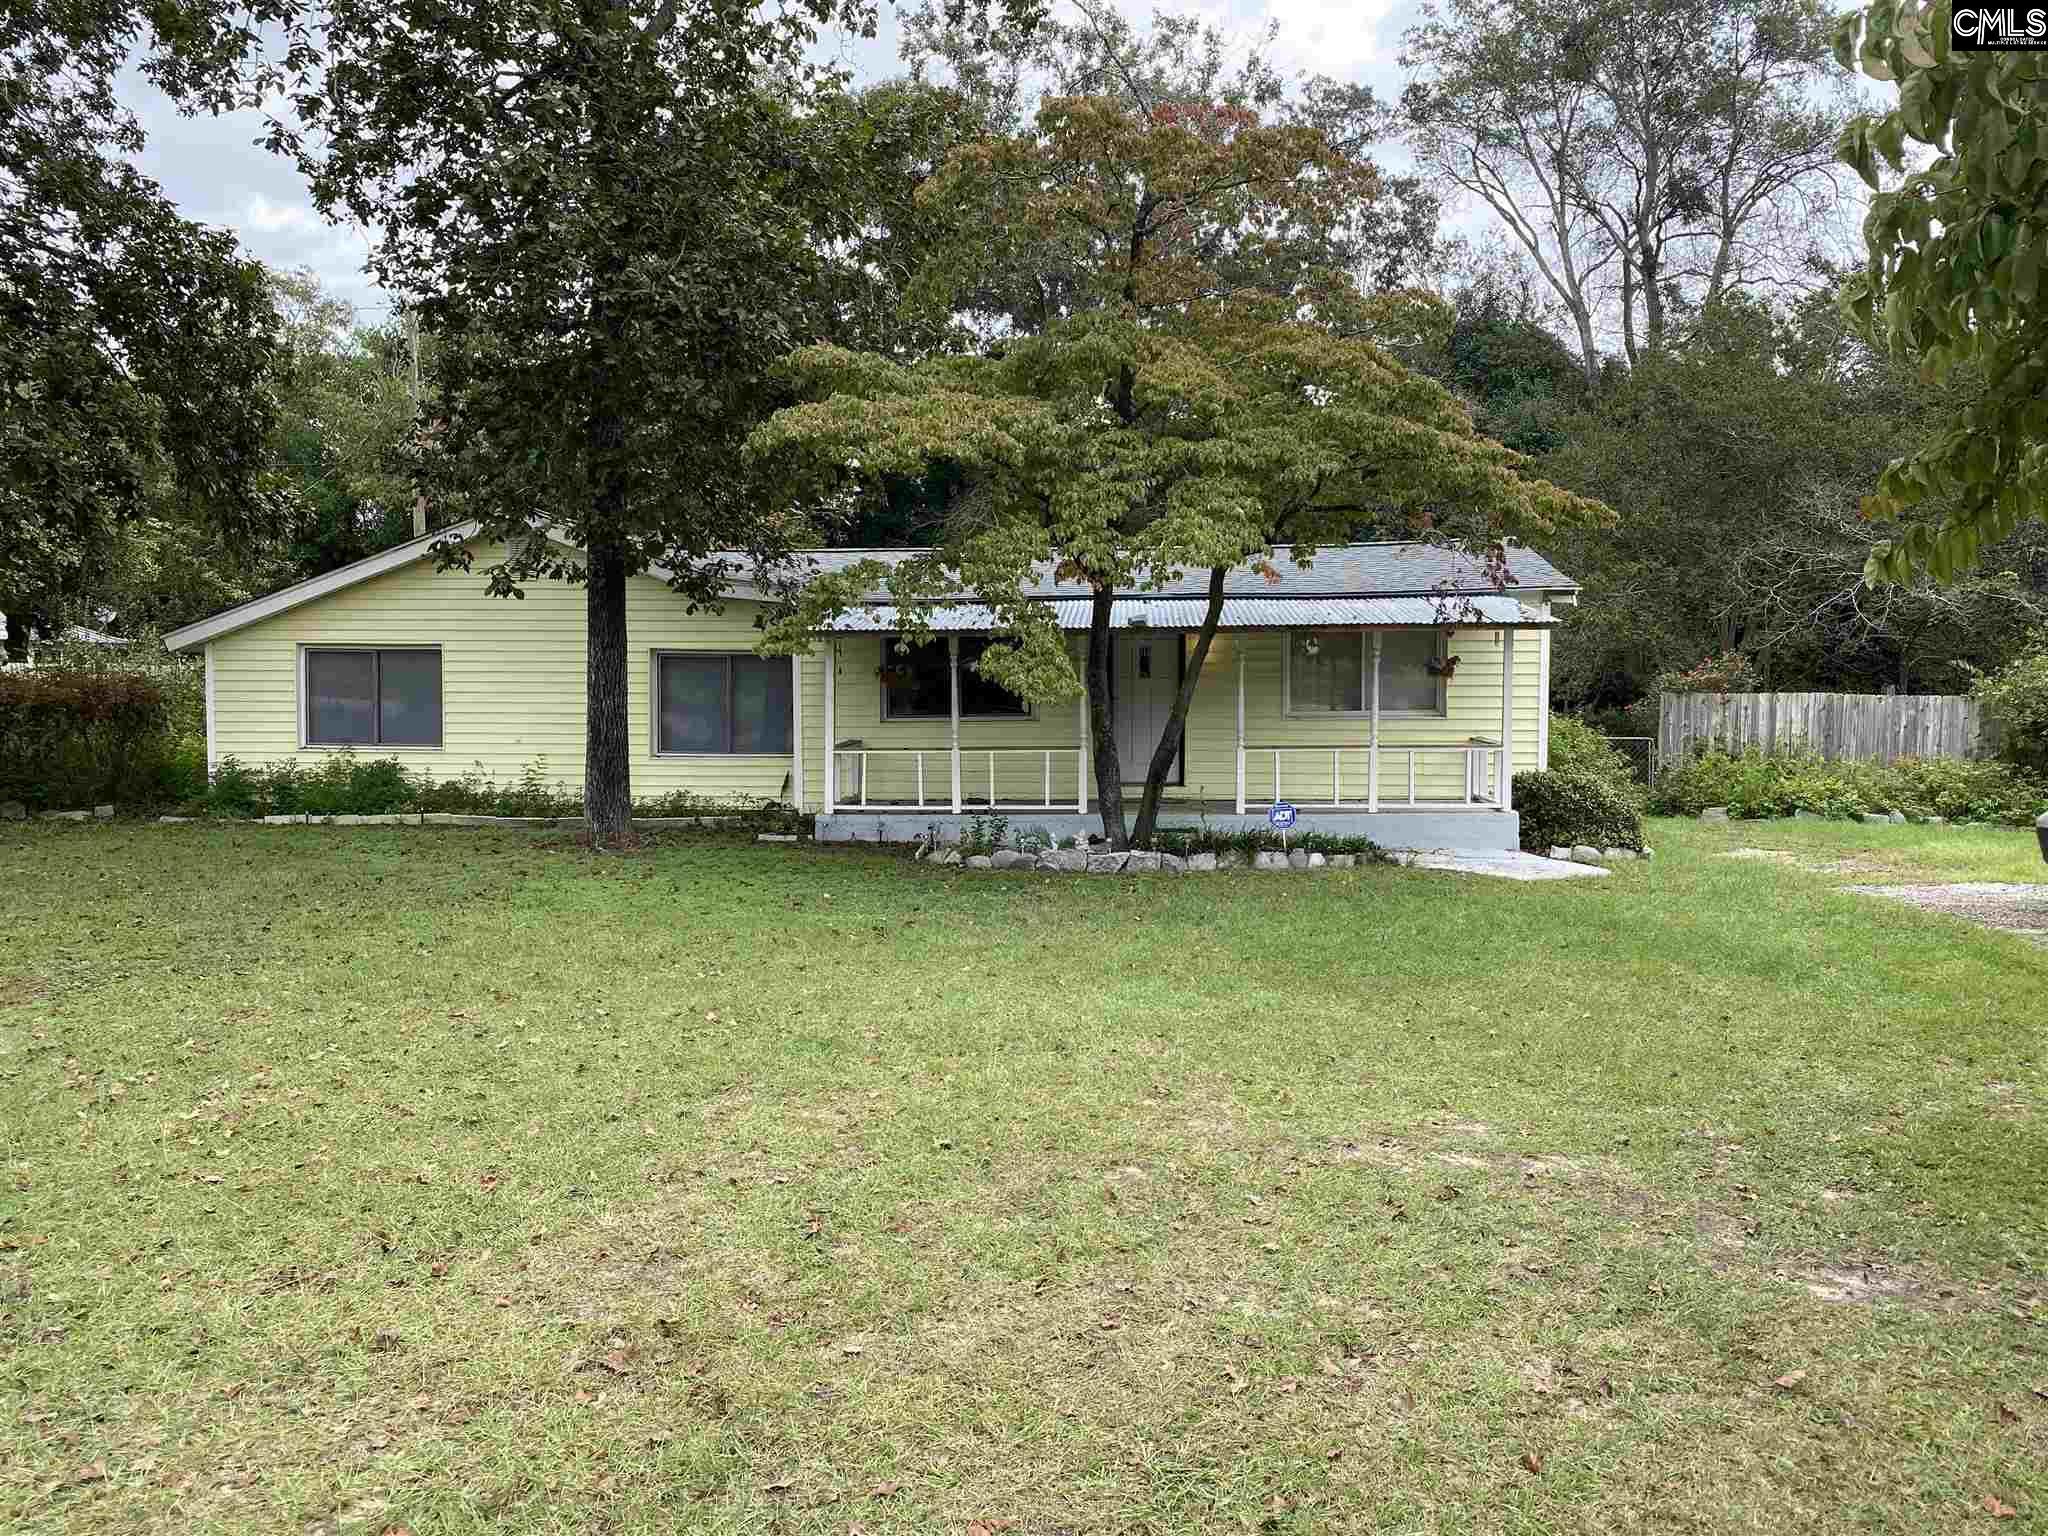 1825 Memorial Cayce, SC 29033